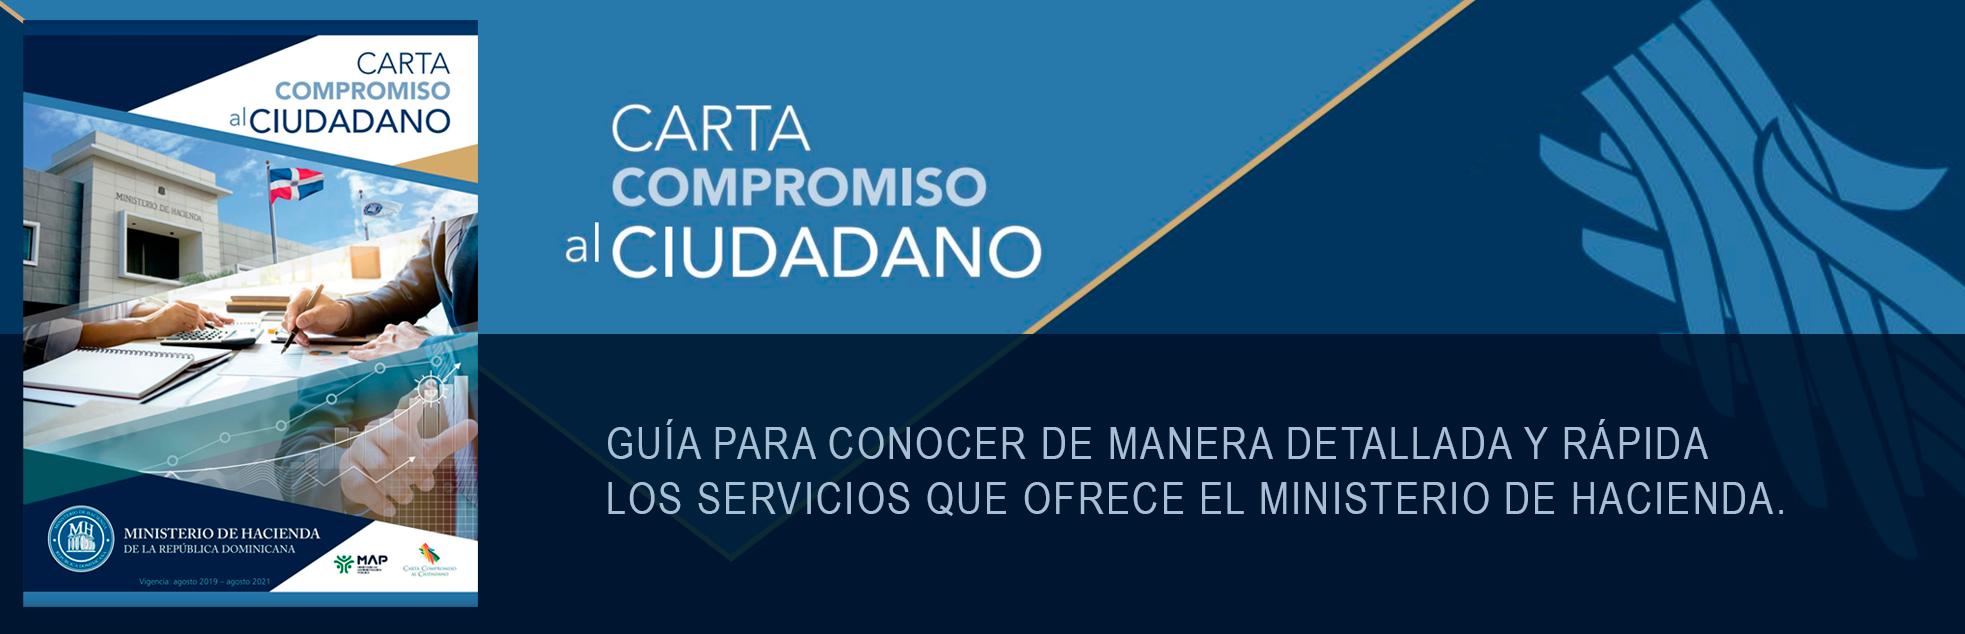 Banner para acceder a la carta de compromiso al ciudadano del Ministerio de Hacienda y conocer los servicios que ofrece el ministerio